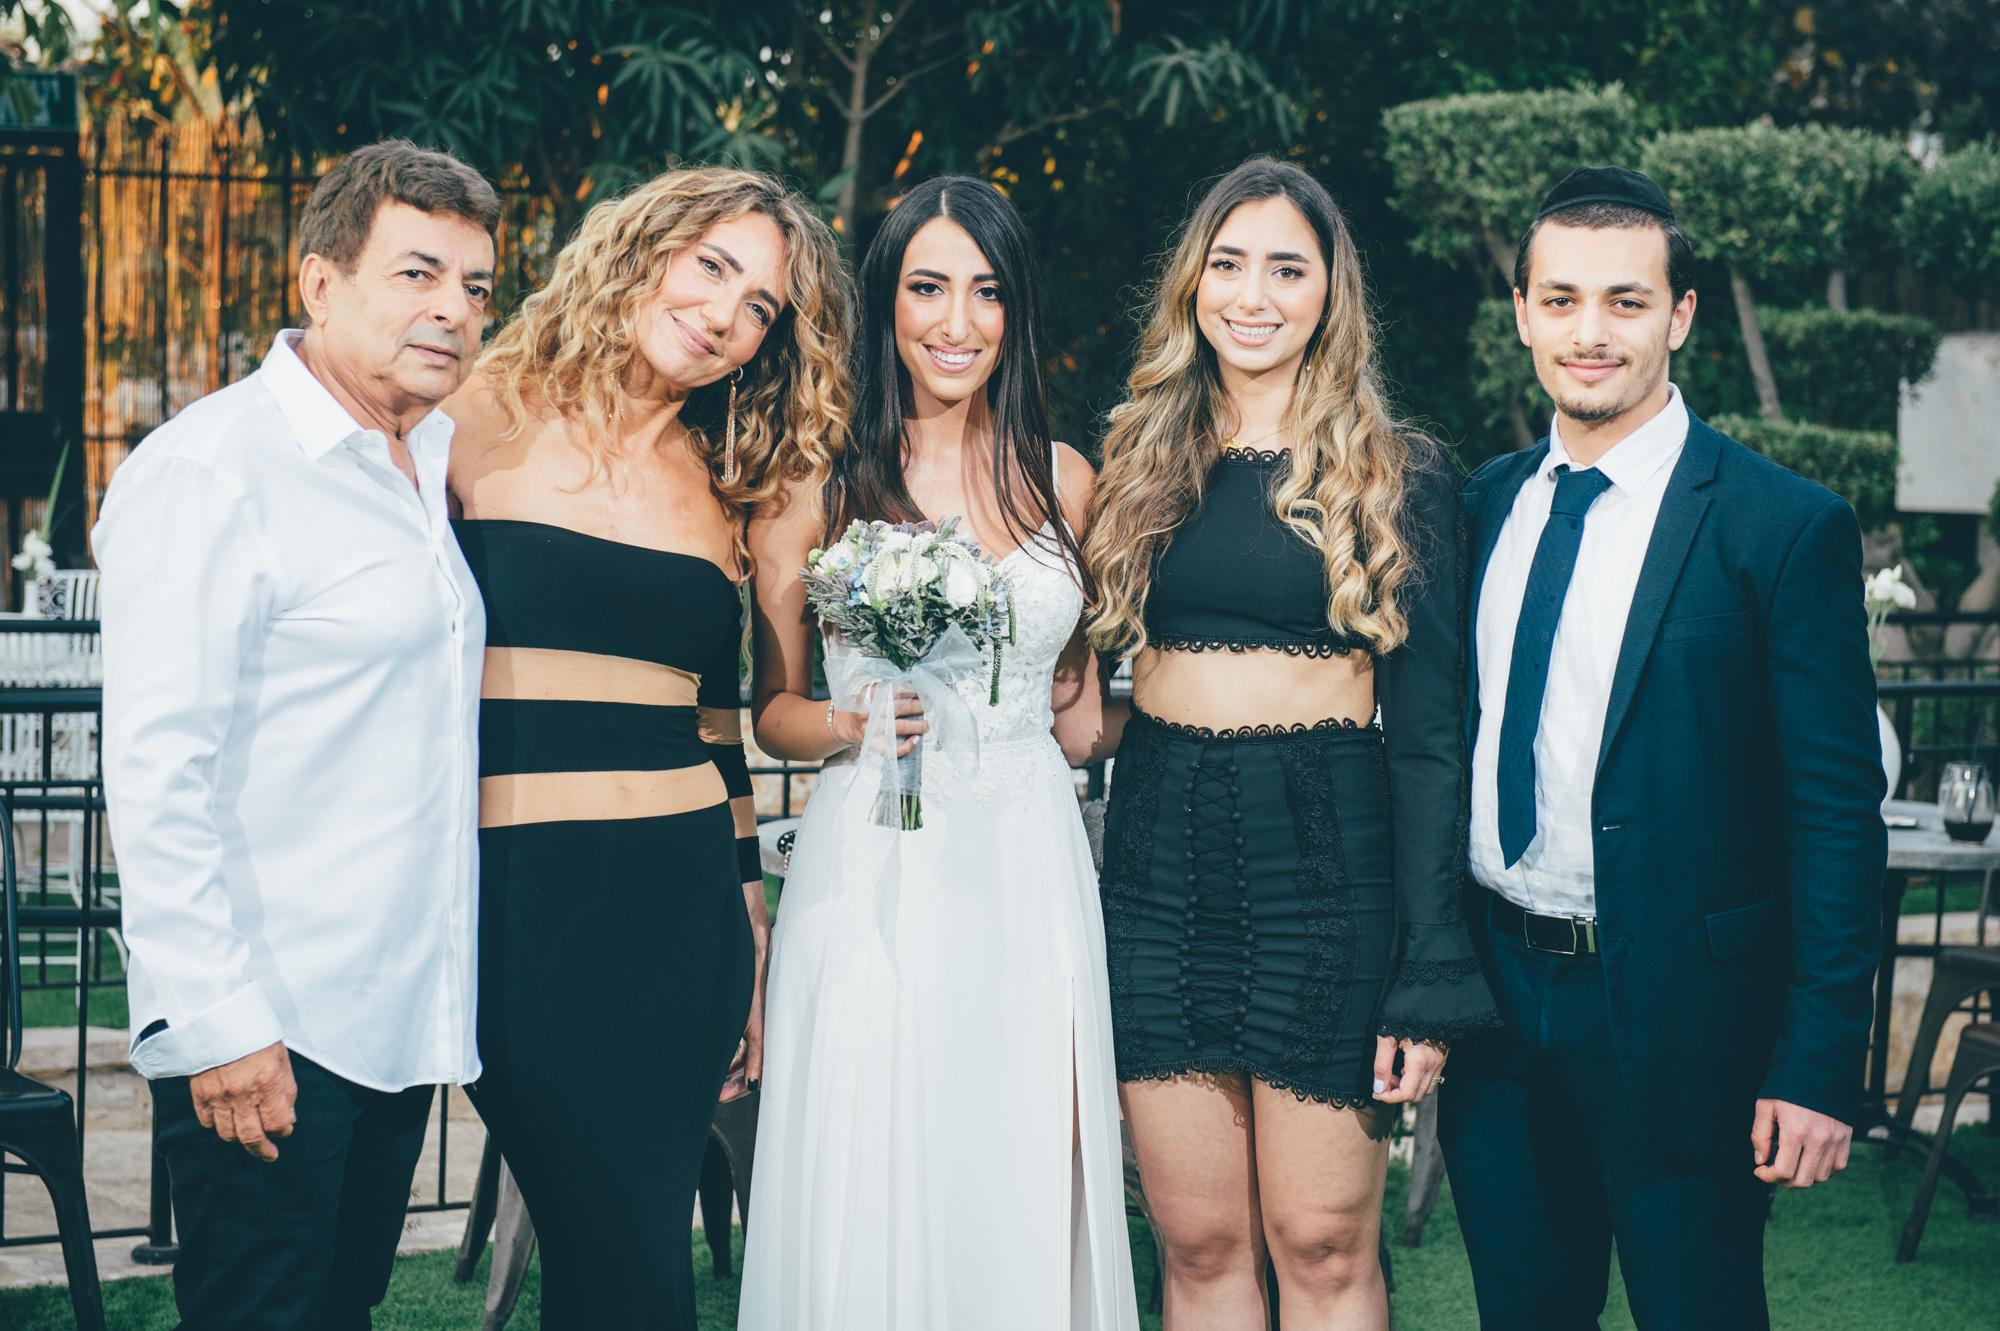 Wedding photos by - Asaf Kliger-55.jpg